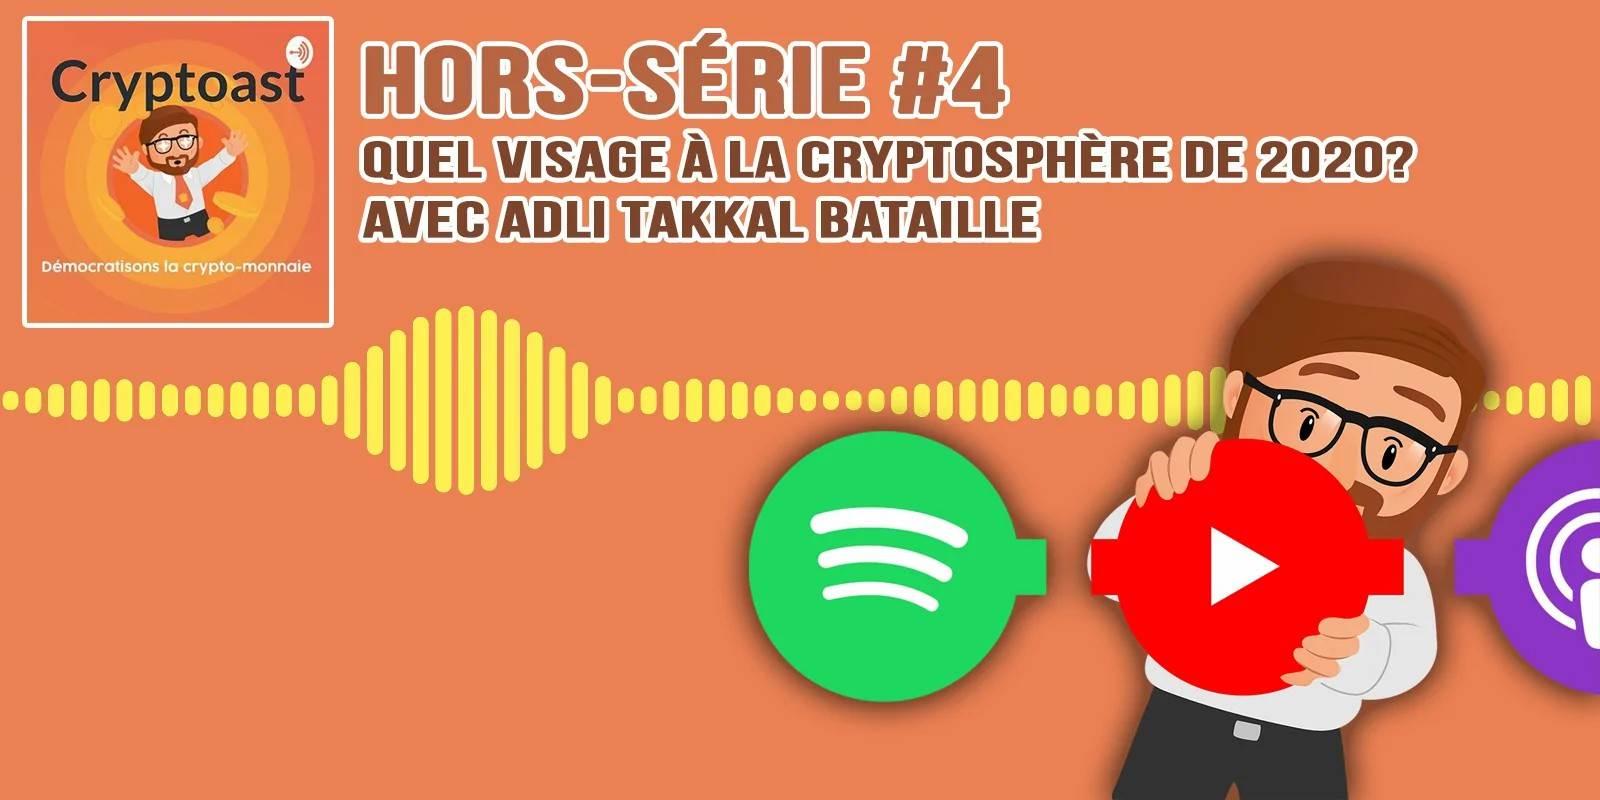 Podcast hors-série #4 - Quel visage à la cryptosphère de 2020 ? Avec Adli Takkal Bataille